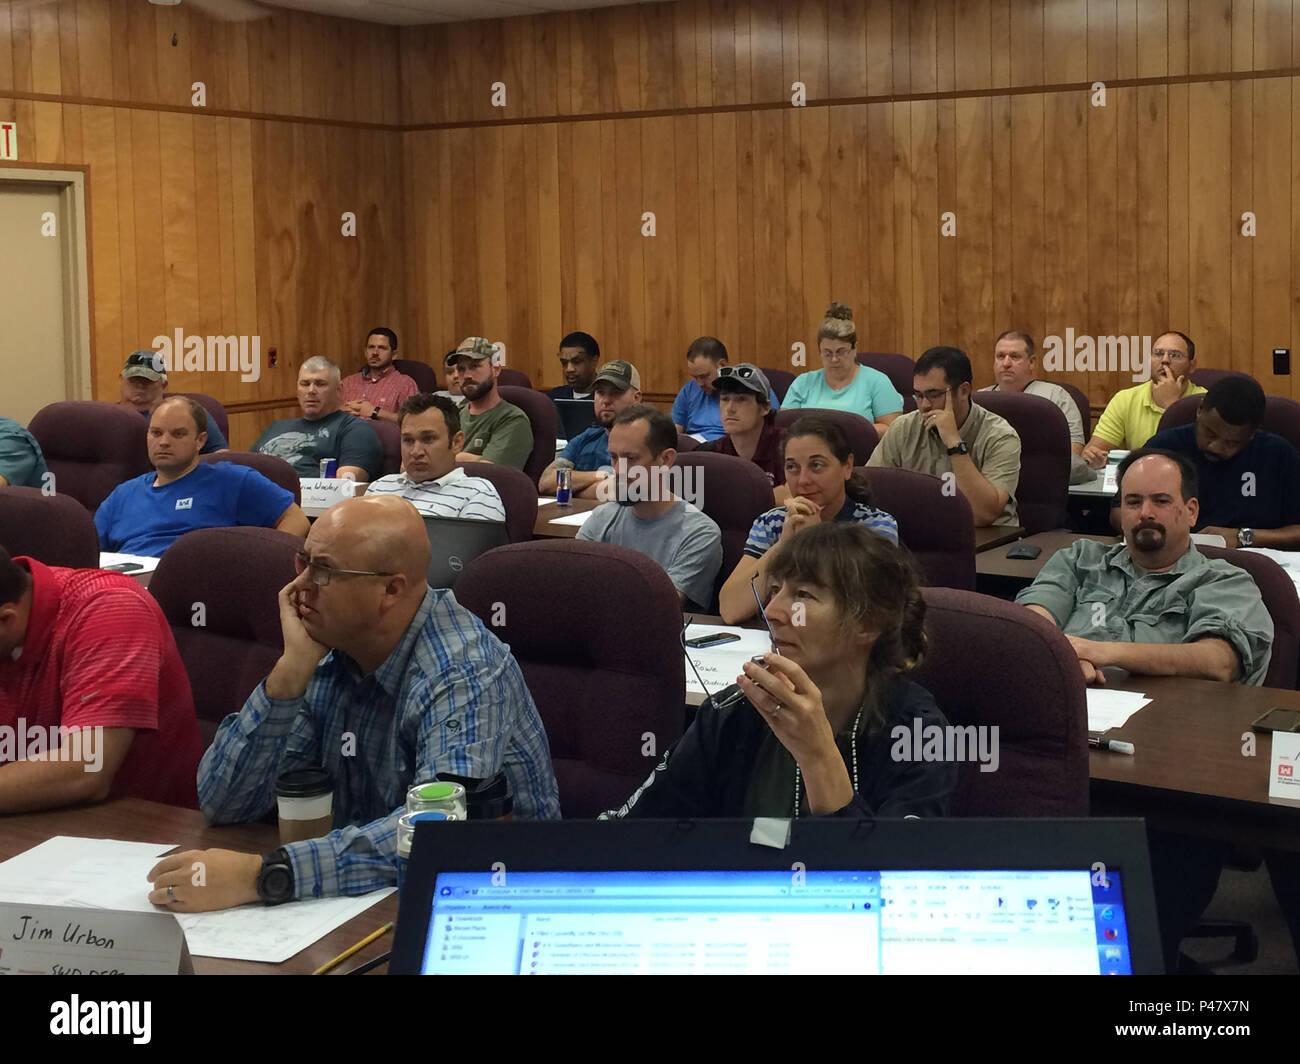 Un totale di trenta studenti ricevono istruzione in classe durante la diga e argine strumentazione e il monitoraggio delle prestazioni di formazione tenutosi a J. Percy Priest Dam a Nashville, Tennessee, 16 giugno 2016. (USACE foto di Vanessa Bateman) Immagini Stock